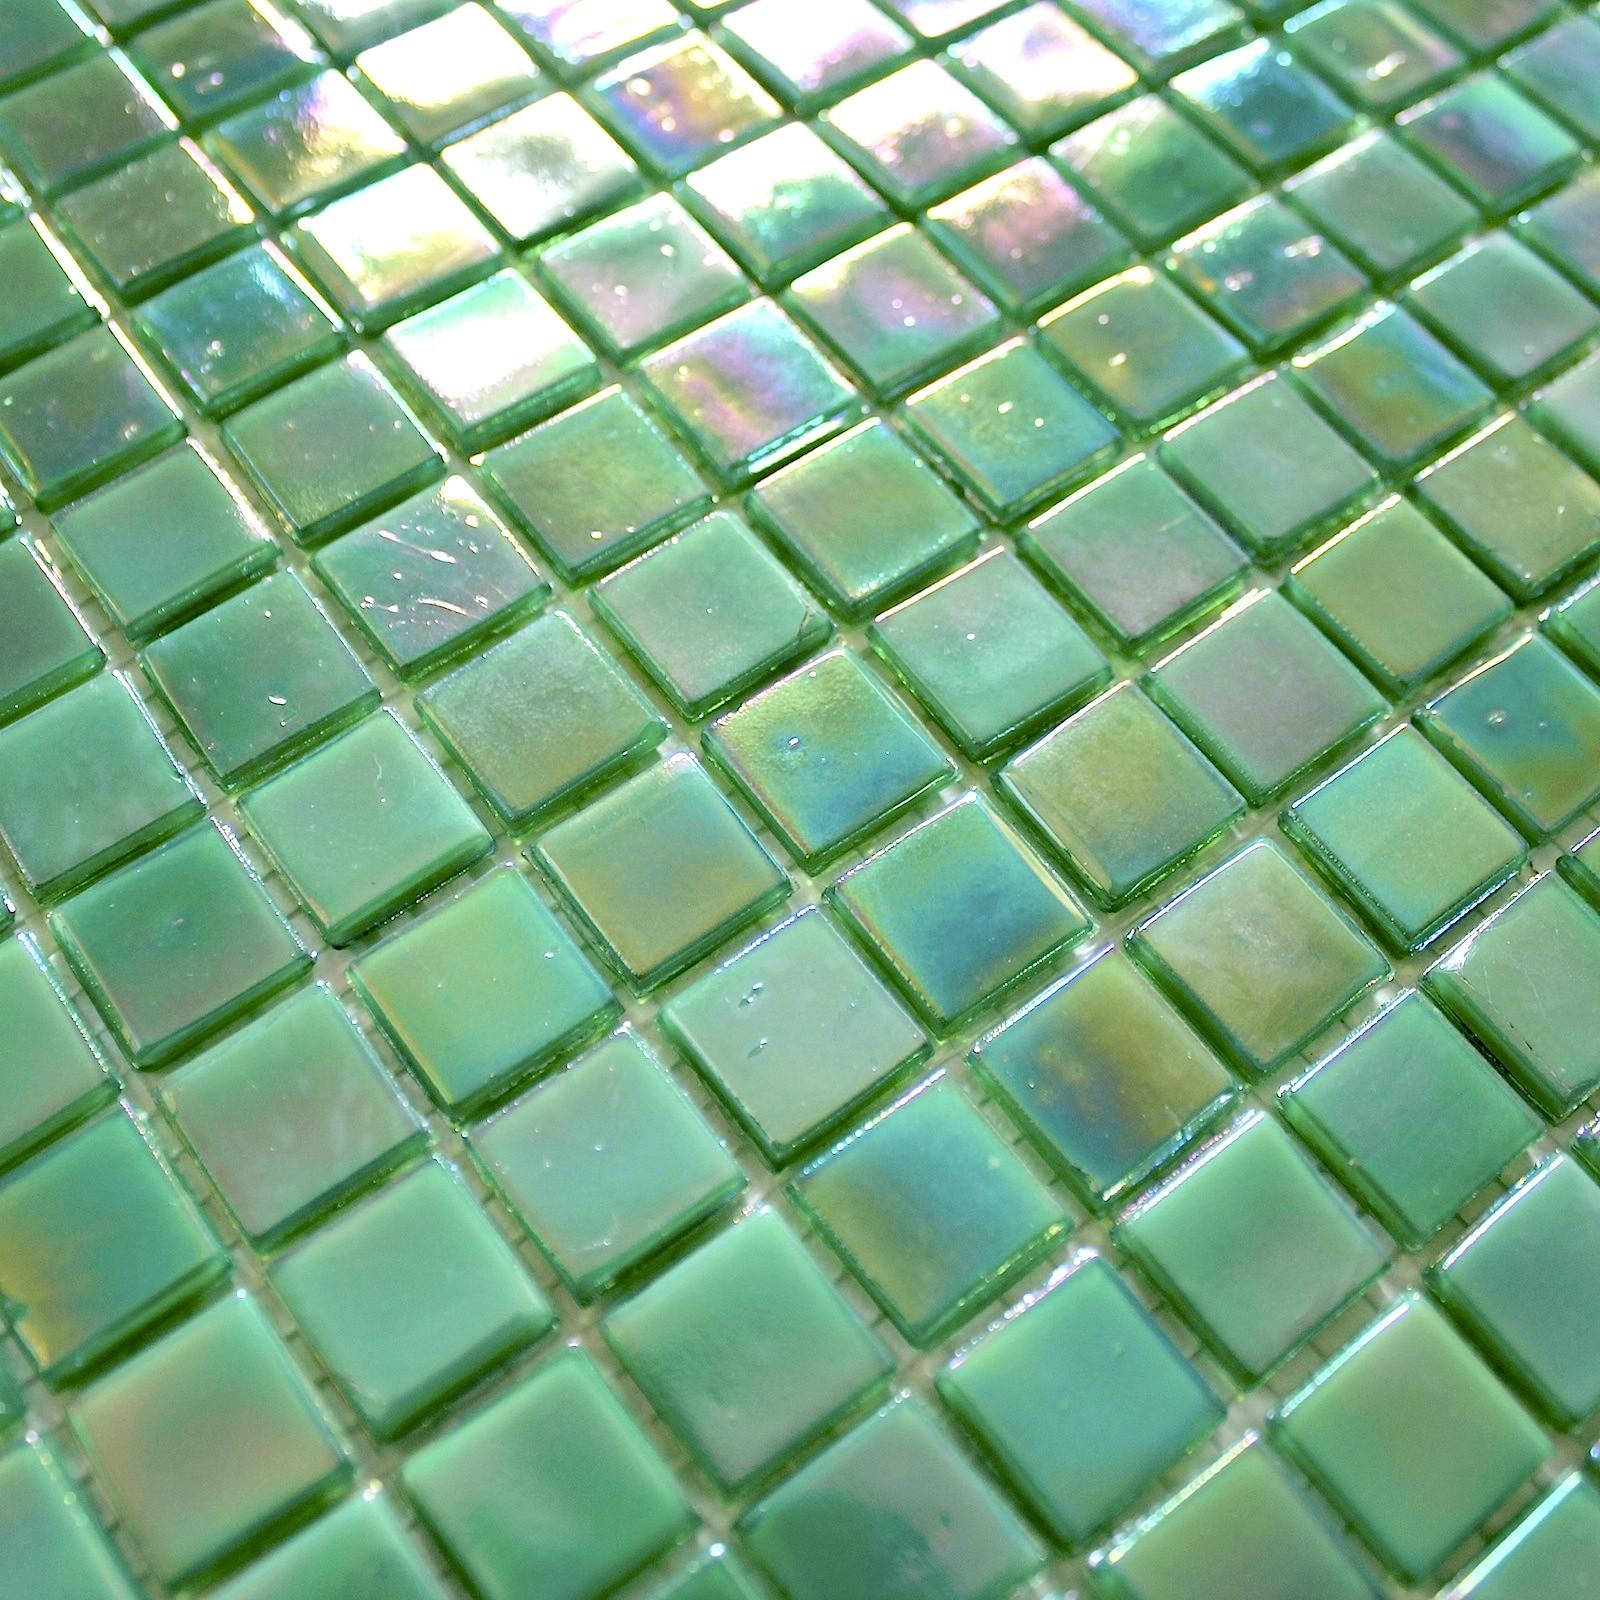 Mosaique turquoise for Mosaique pate de verre salle de bain